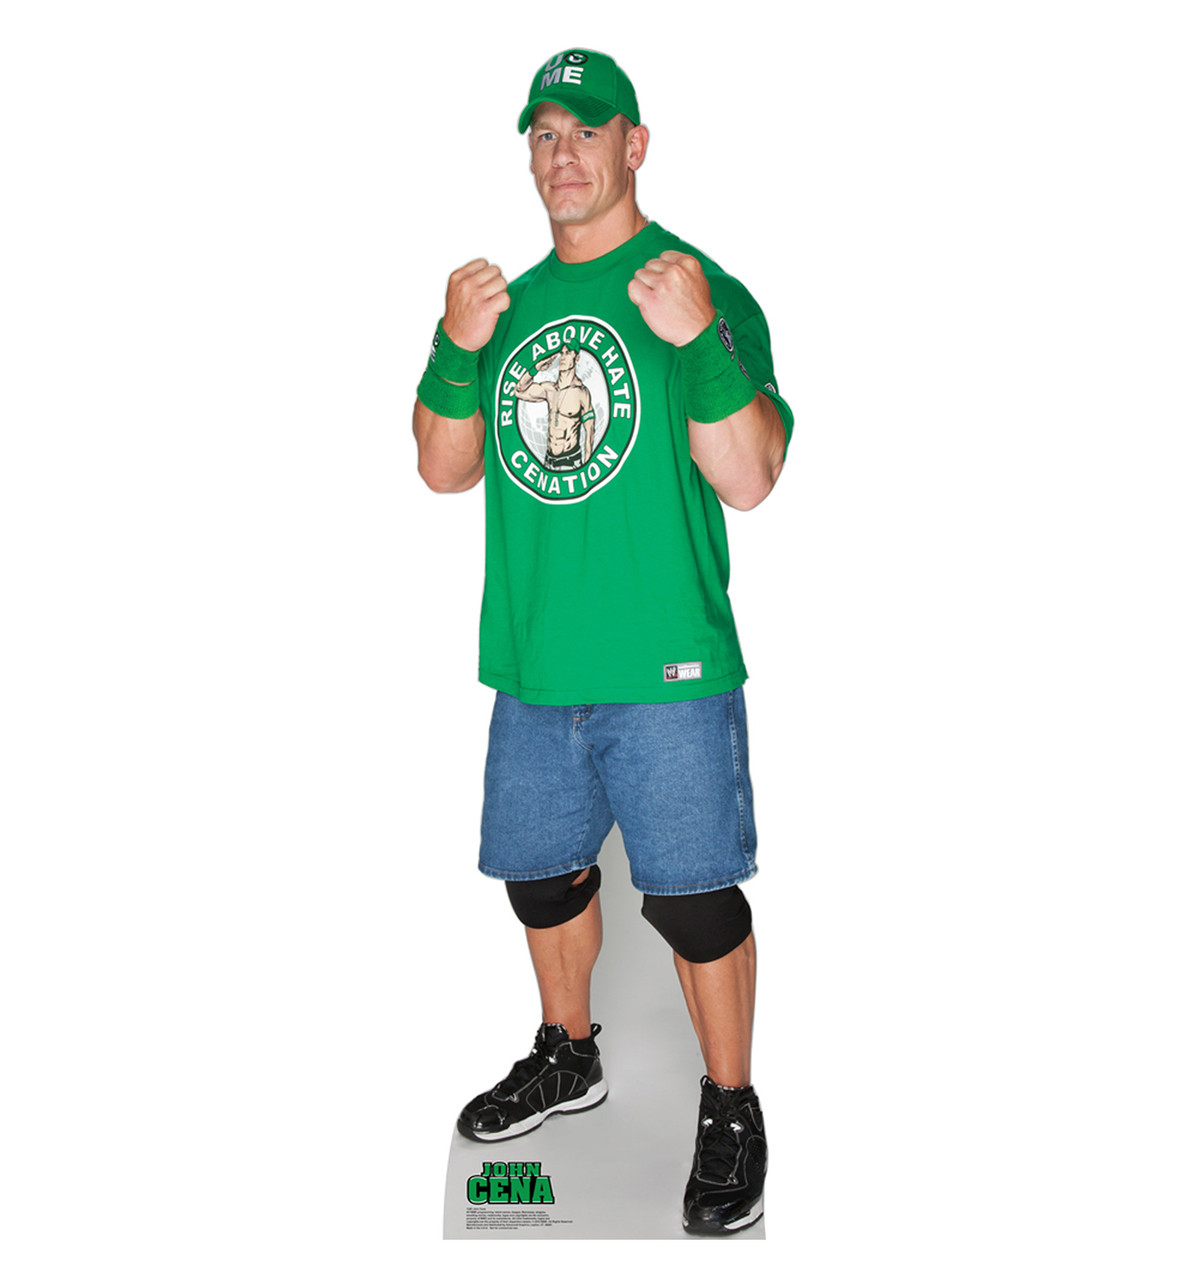 Life-size John Cena Green Shirt Cardboard Standup | Cardboard Cutout